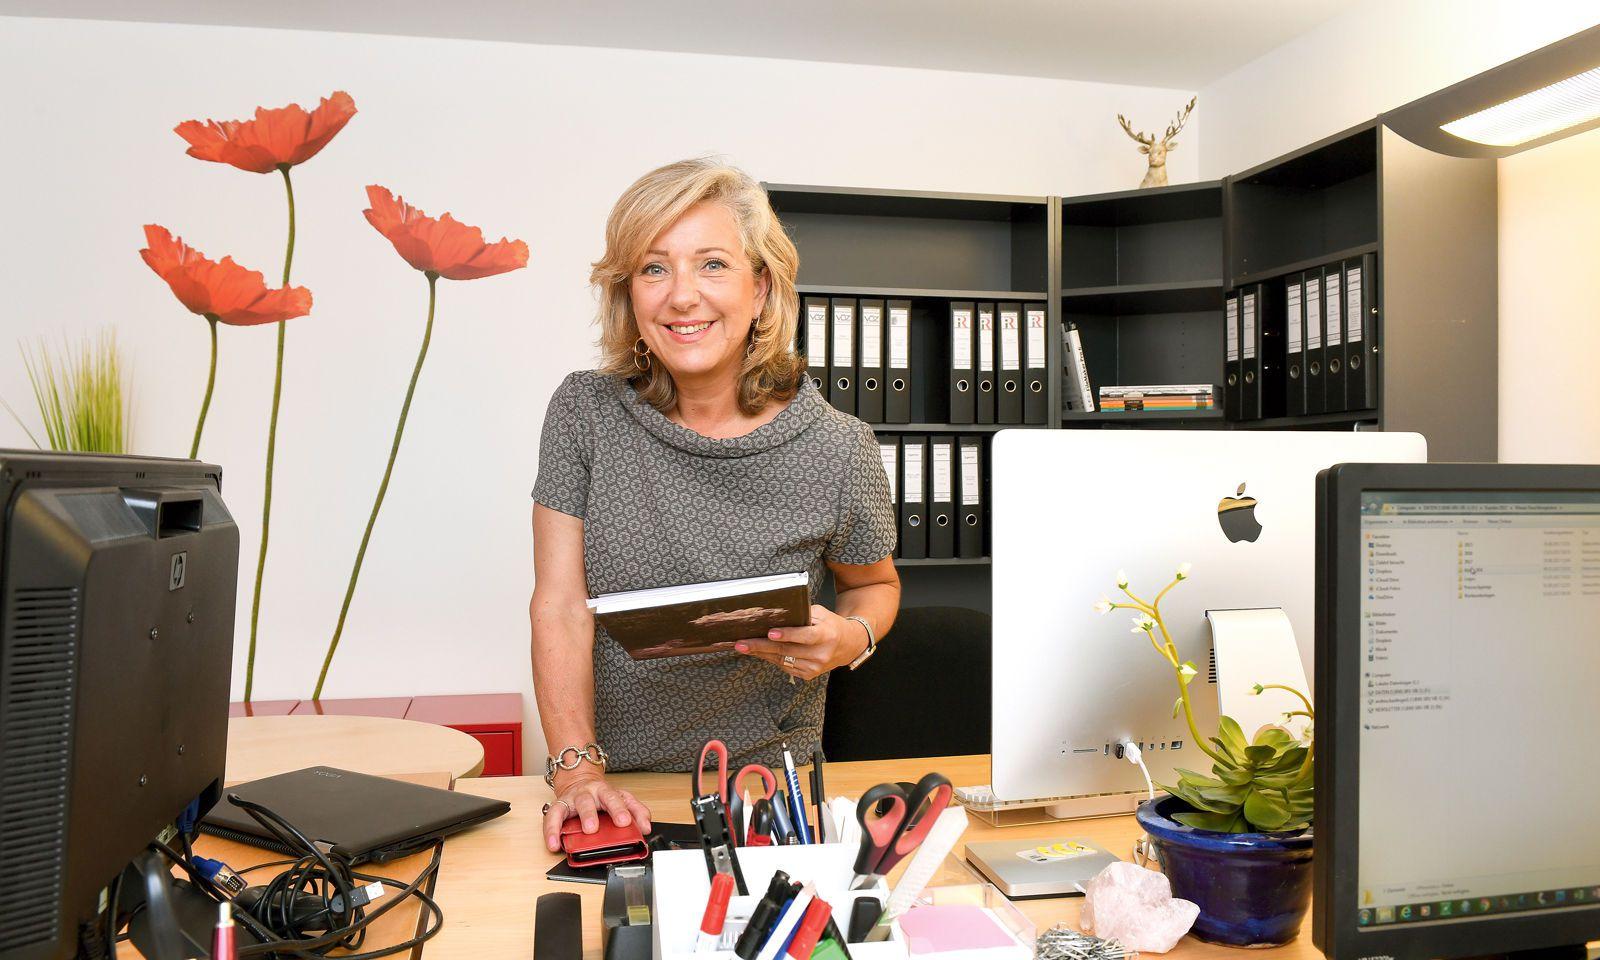 Weil sich die Art und Weise des Arbeitens verändert hat, hat Andrea Baidinger auch ihre Agenturräumlichkeiten adaptiert.